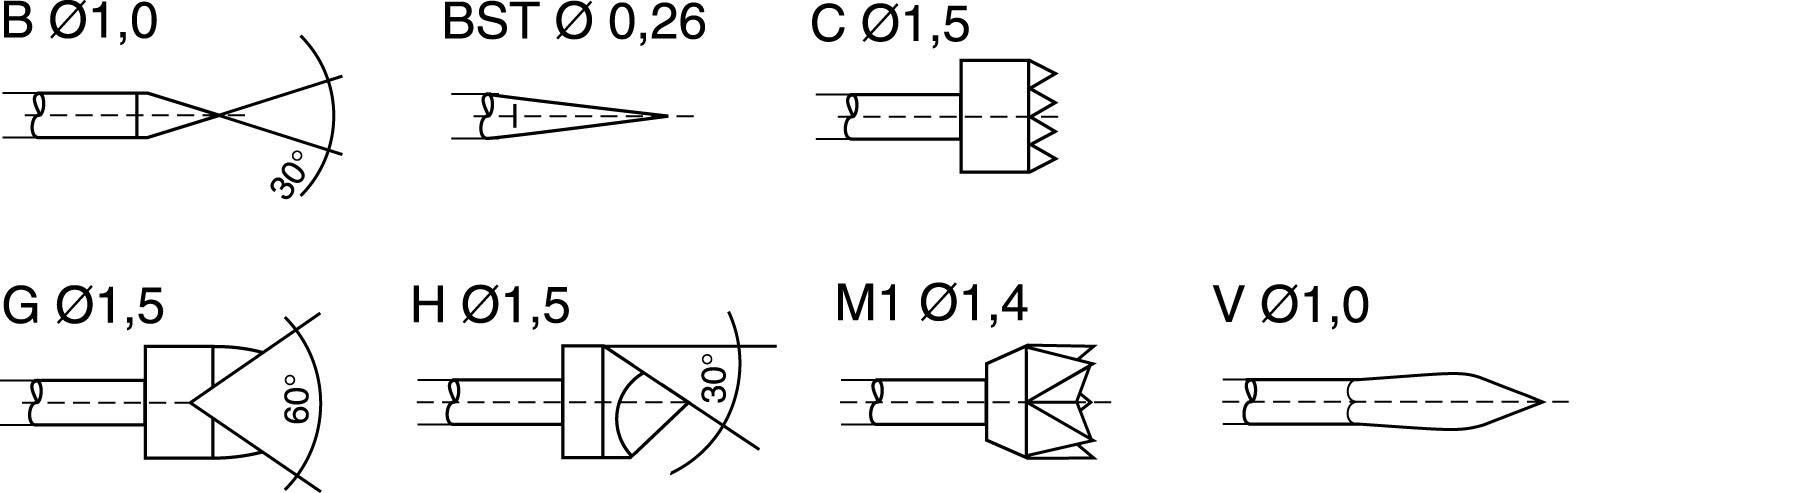 Zkušební hrot PTR 1025/E-V-1.5N-AU-0.9